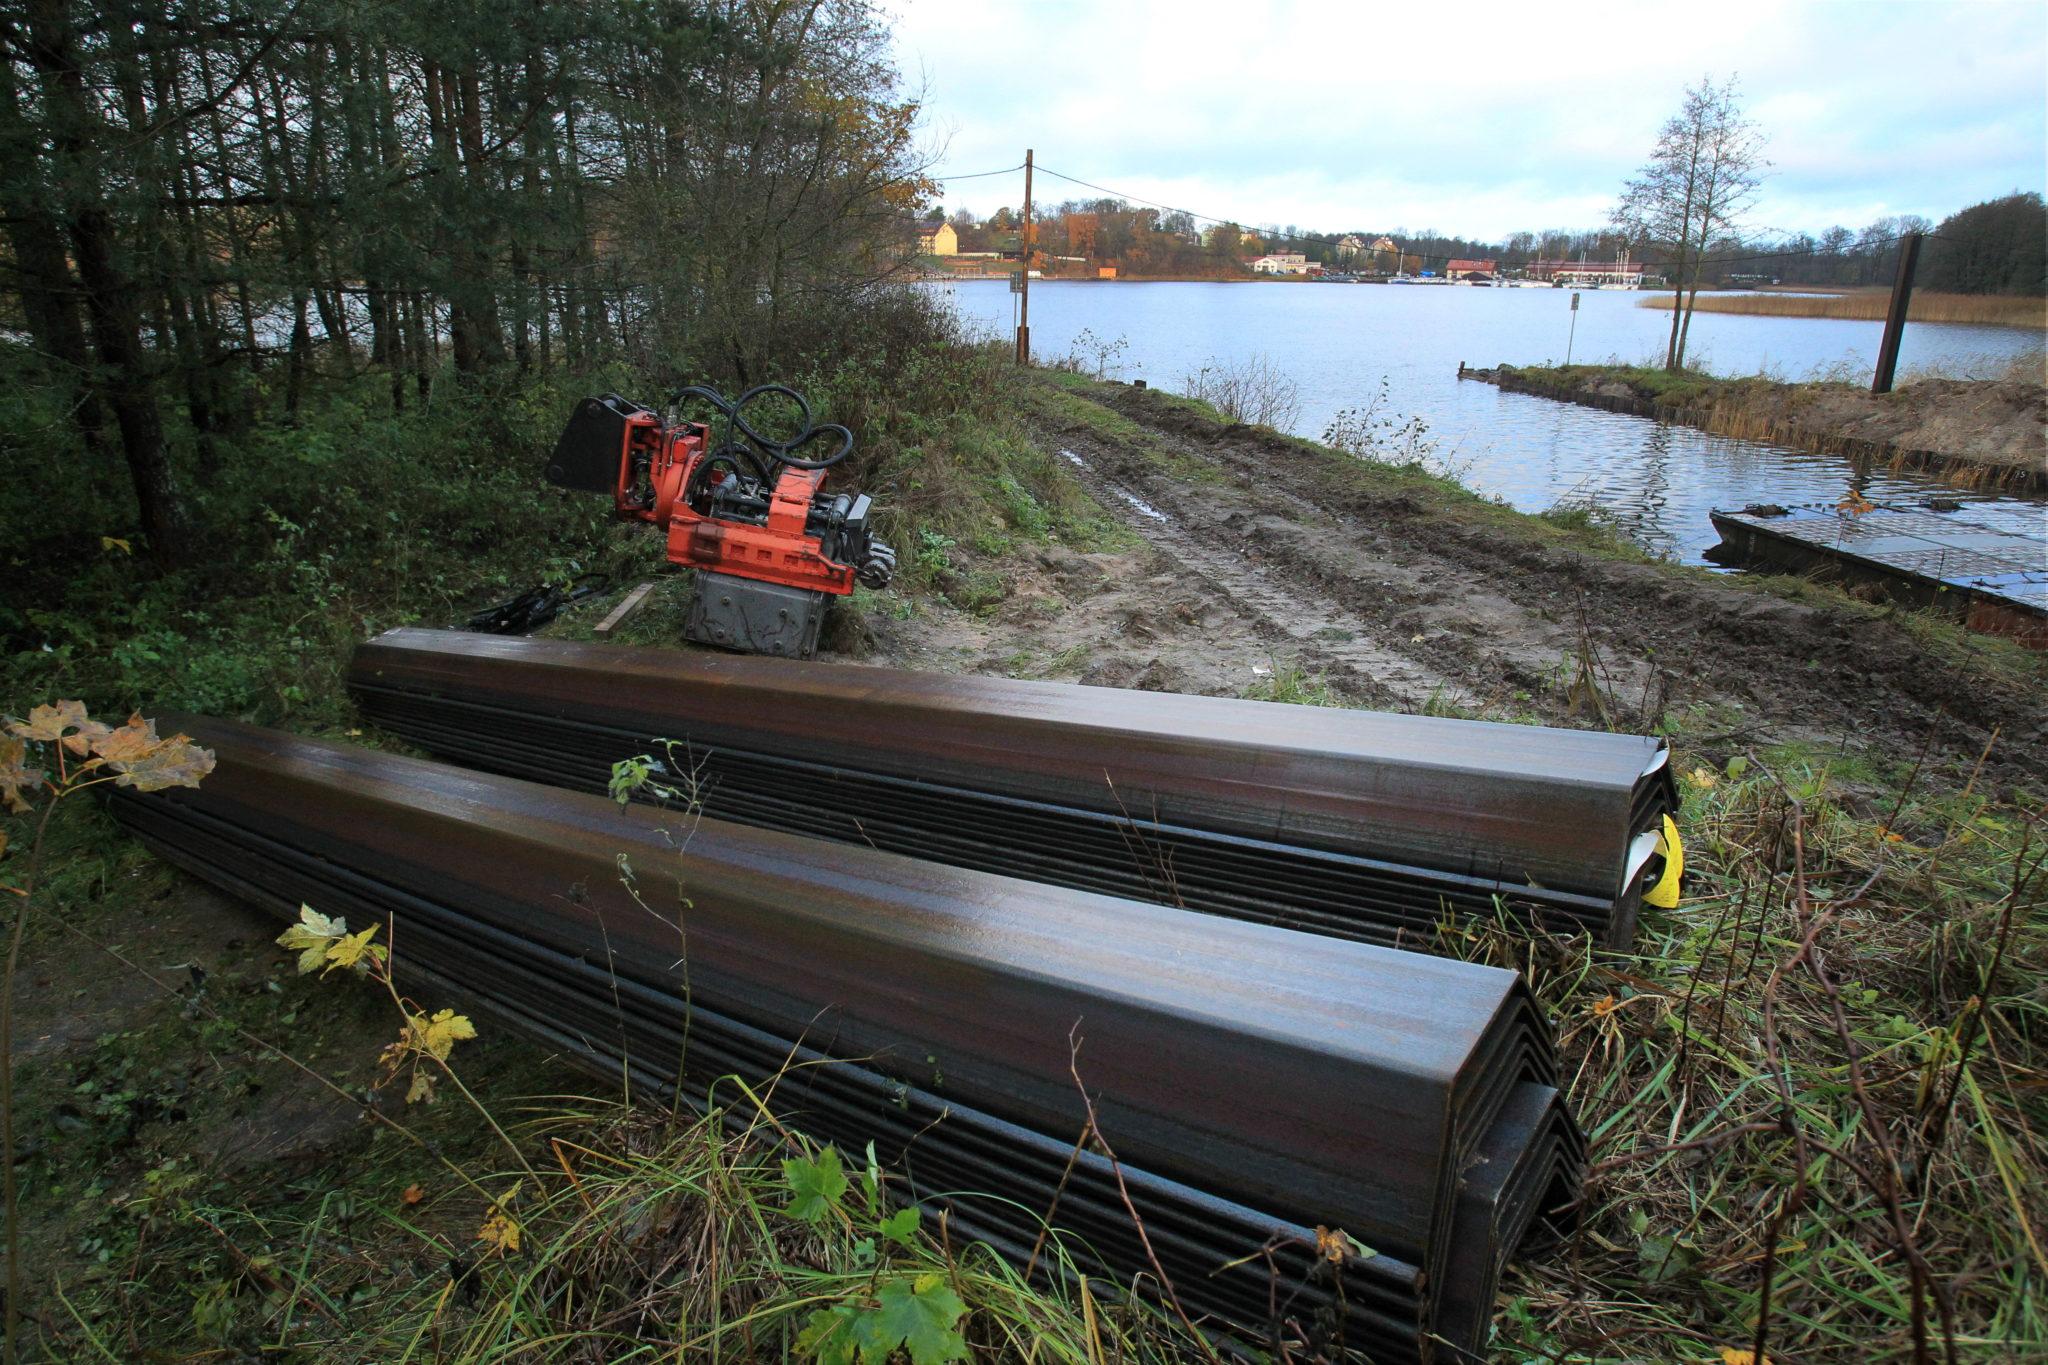 Giżycko: prace remontowe na Kanale Niegocińskim (foto. PAP/Tomasz Waszczuk)